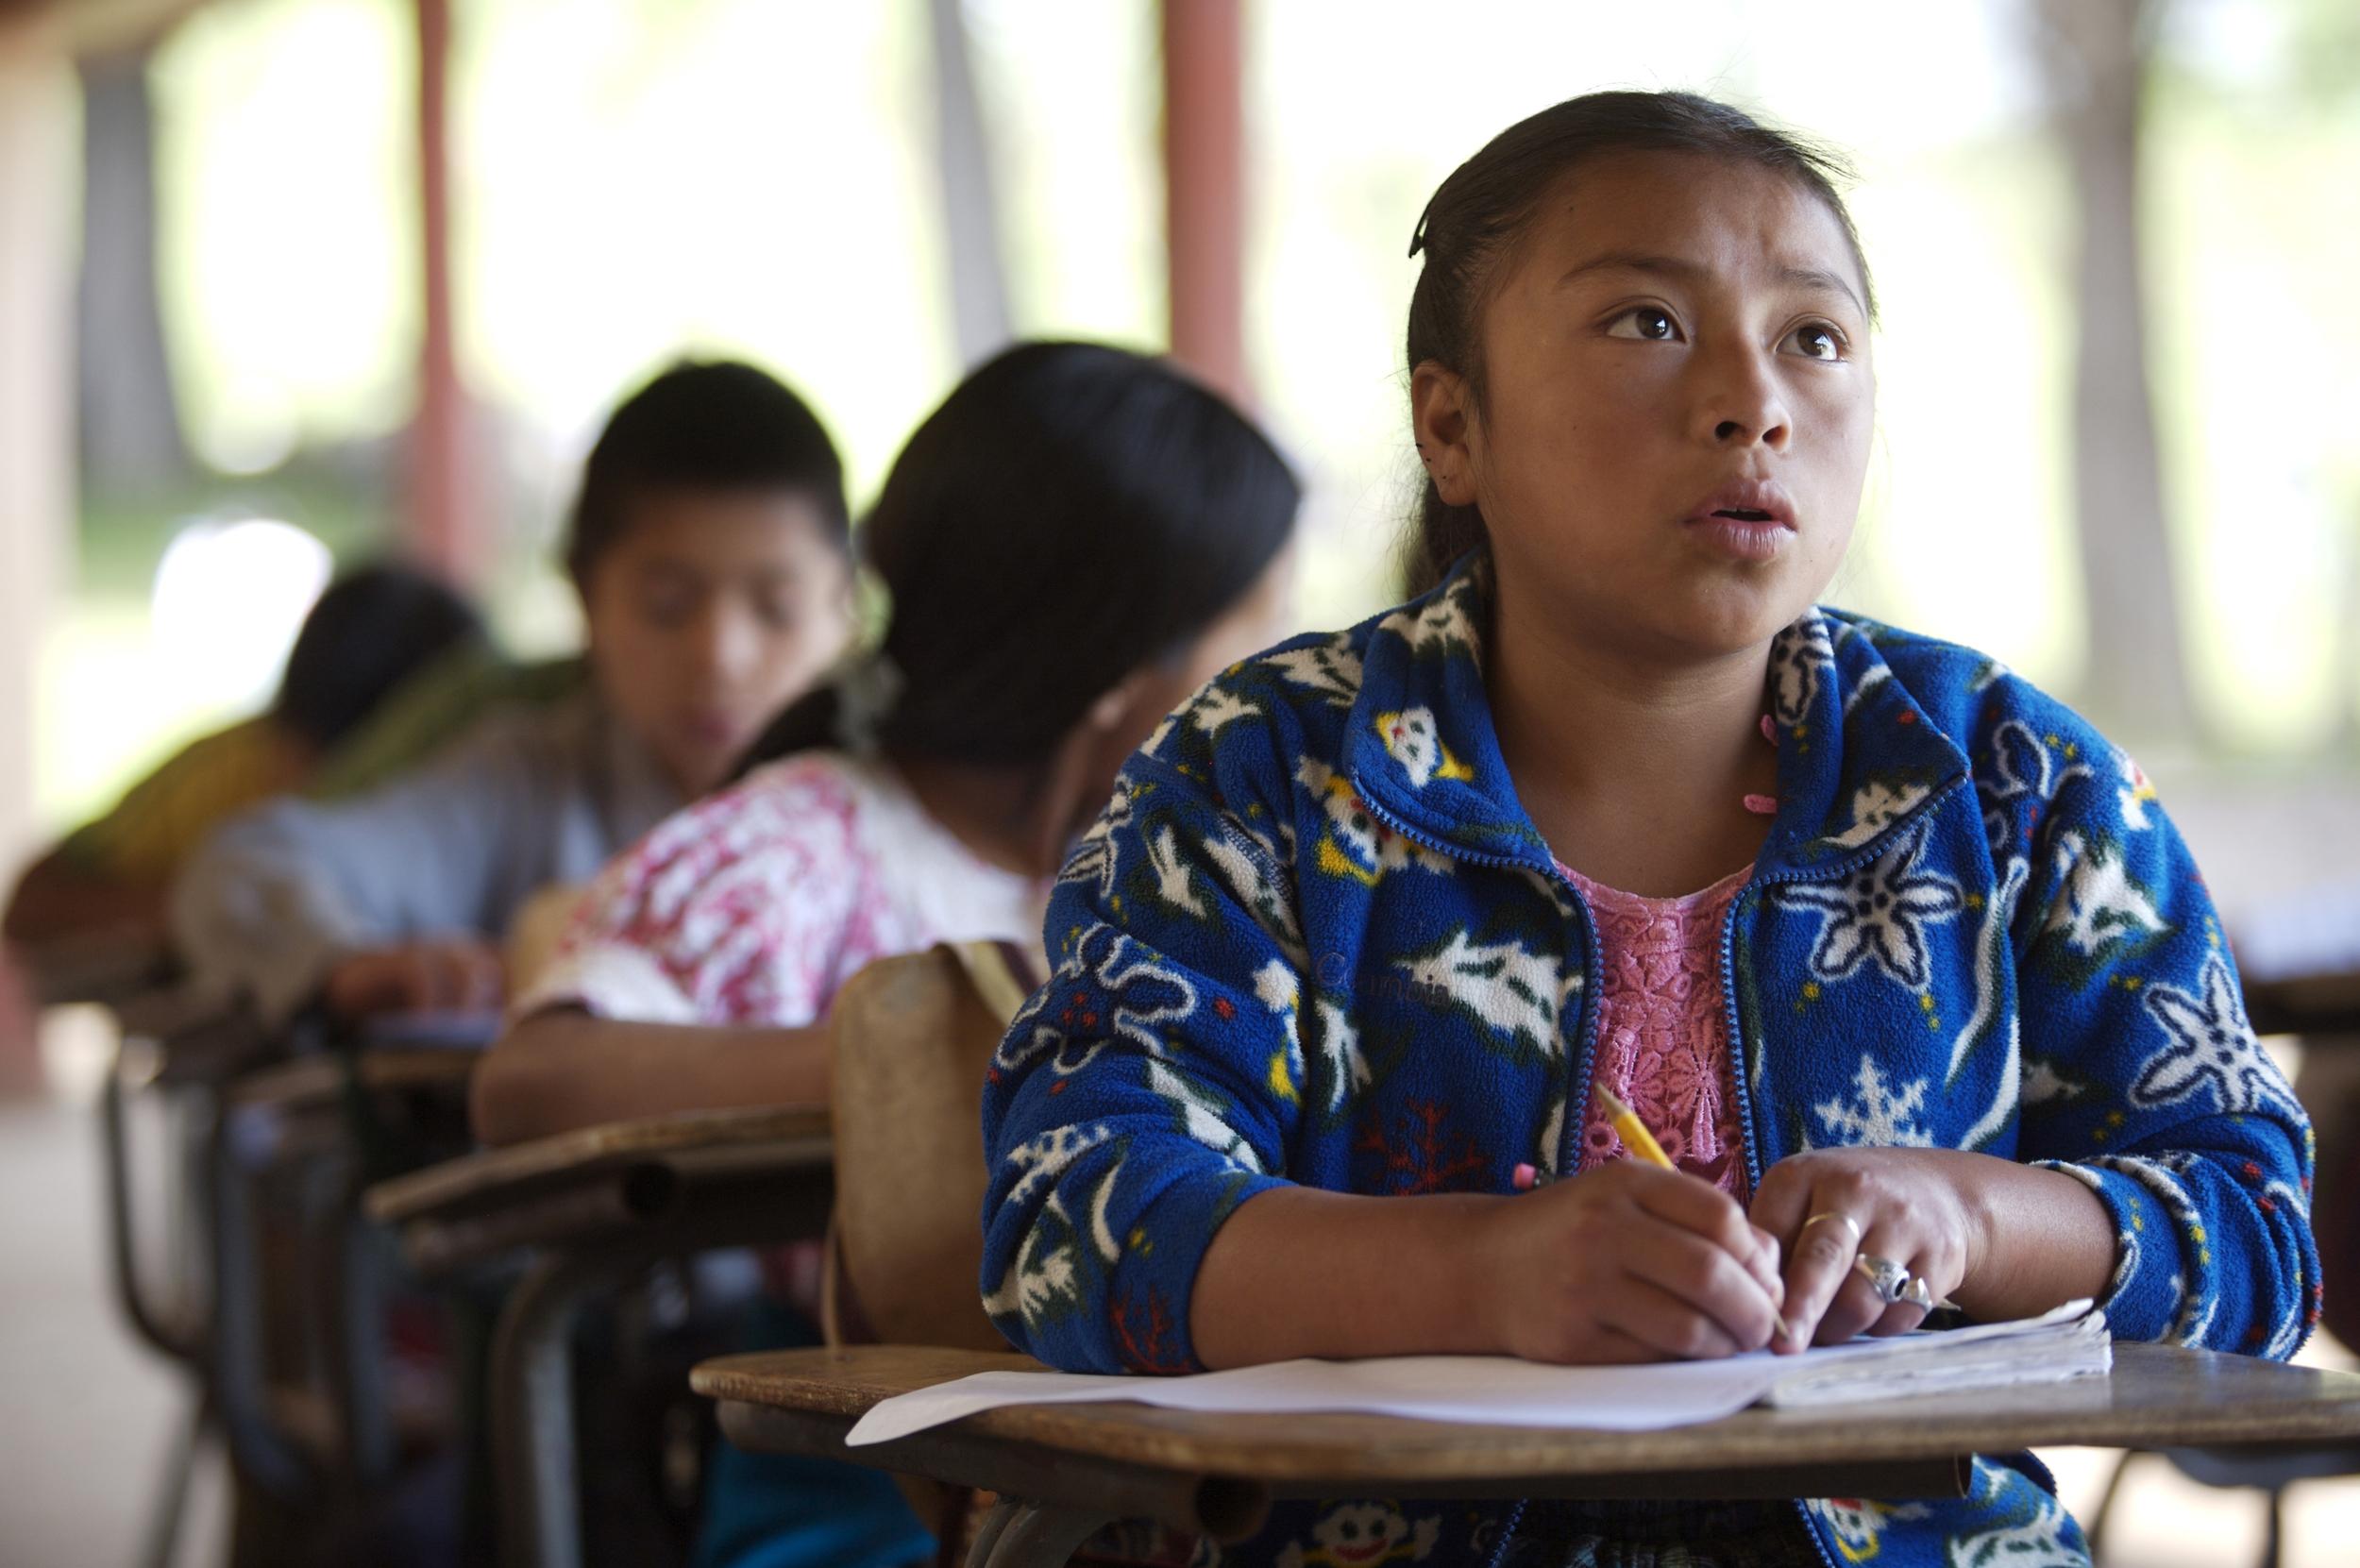 Schoolgirl_in_class.jpg